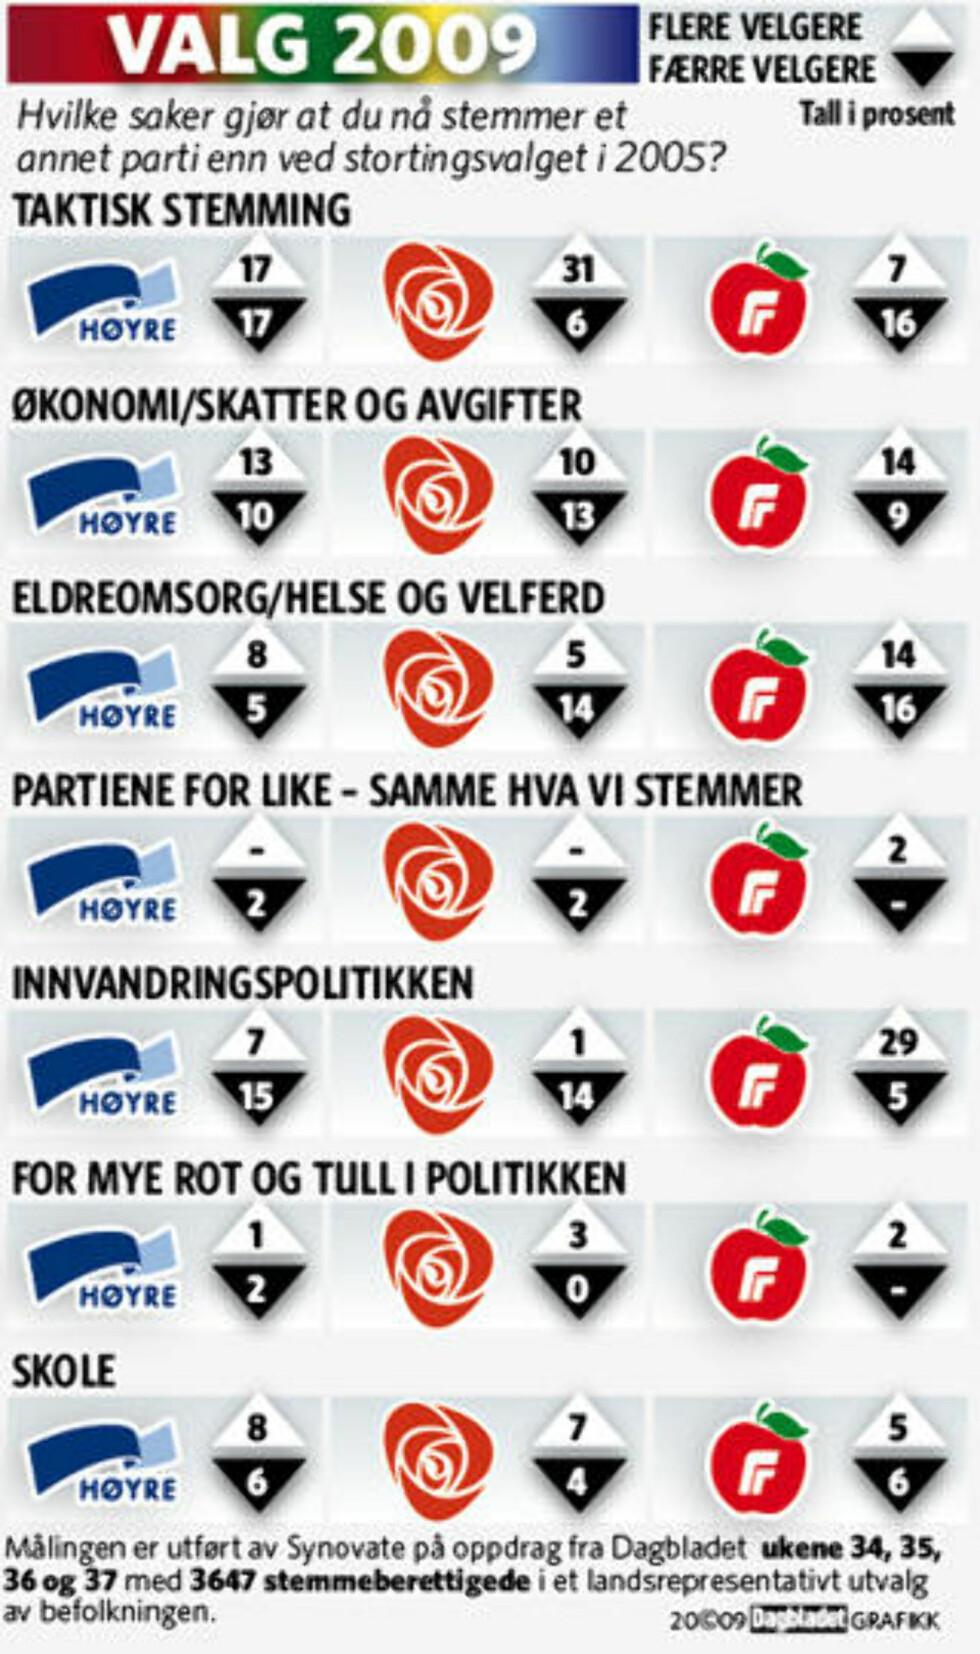 TAPT OG VUNNET: Slik har de tre største partiene tapt og vunnet velgere de siste årene. Særlig Høyre sliter med å skaffe nye velgere på kampsakene sine. Grafikk: KJell Erik Berg/Dagbladet